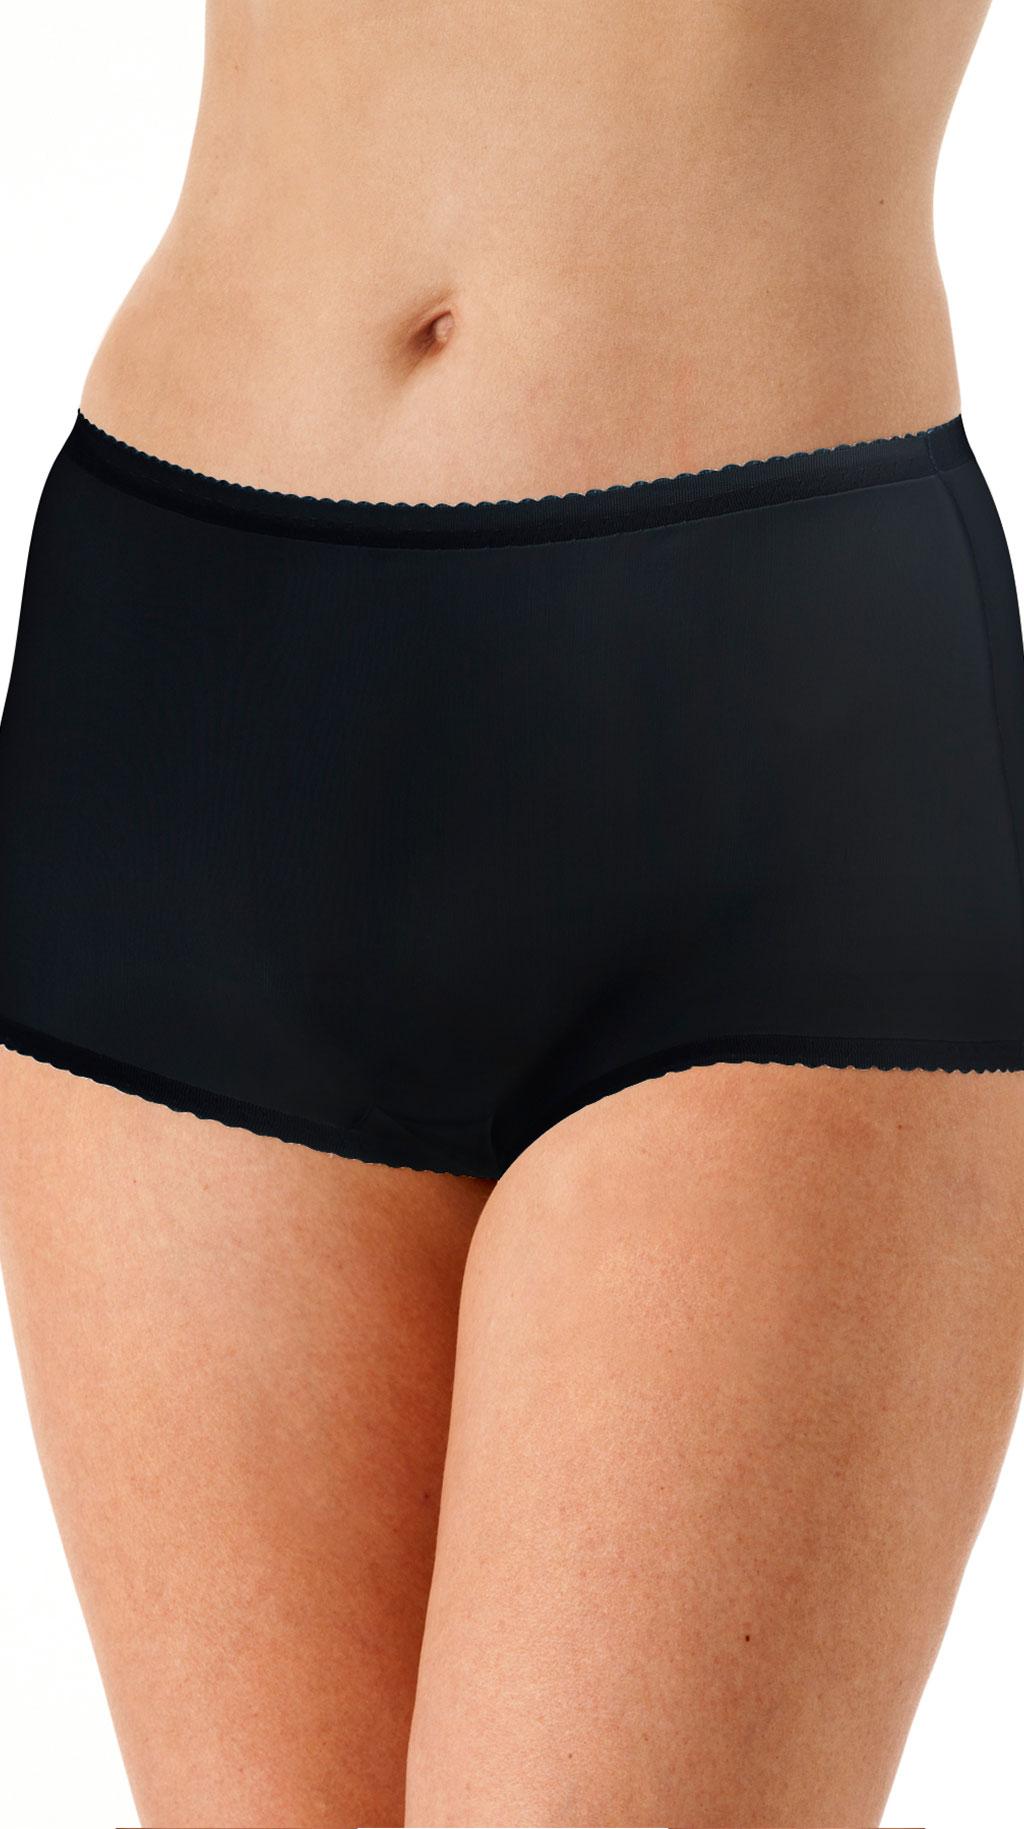 Womens Brief Panties 33